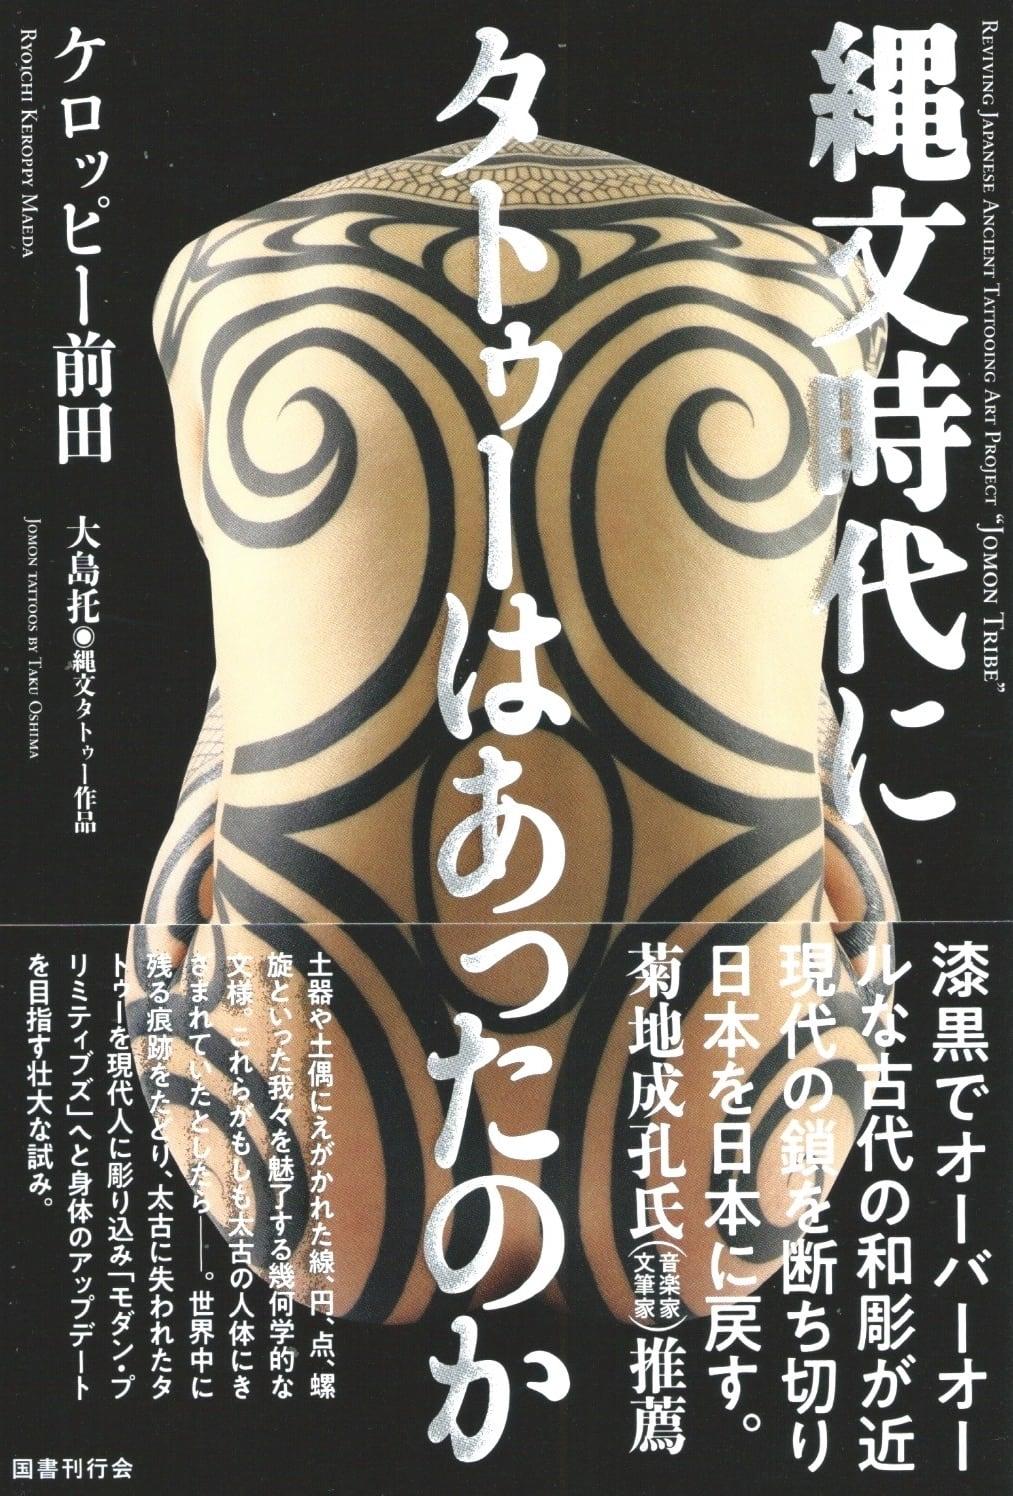 縄文時代にタトゥーはあったのか